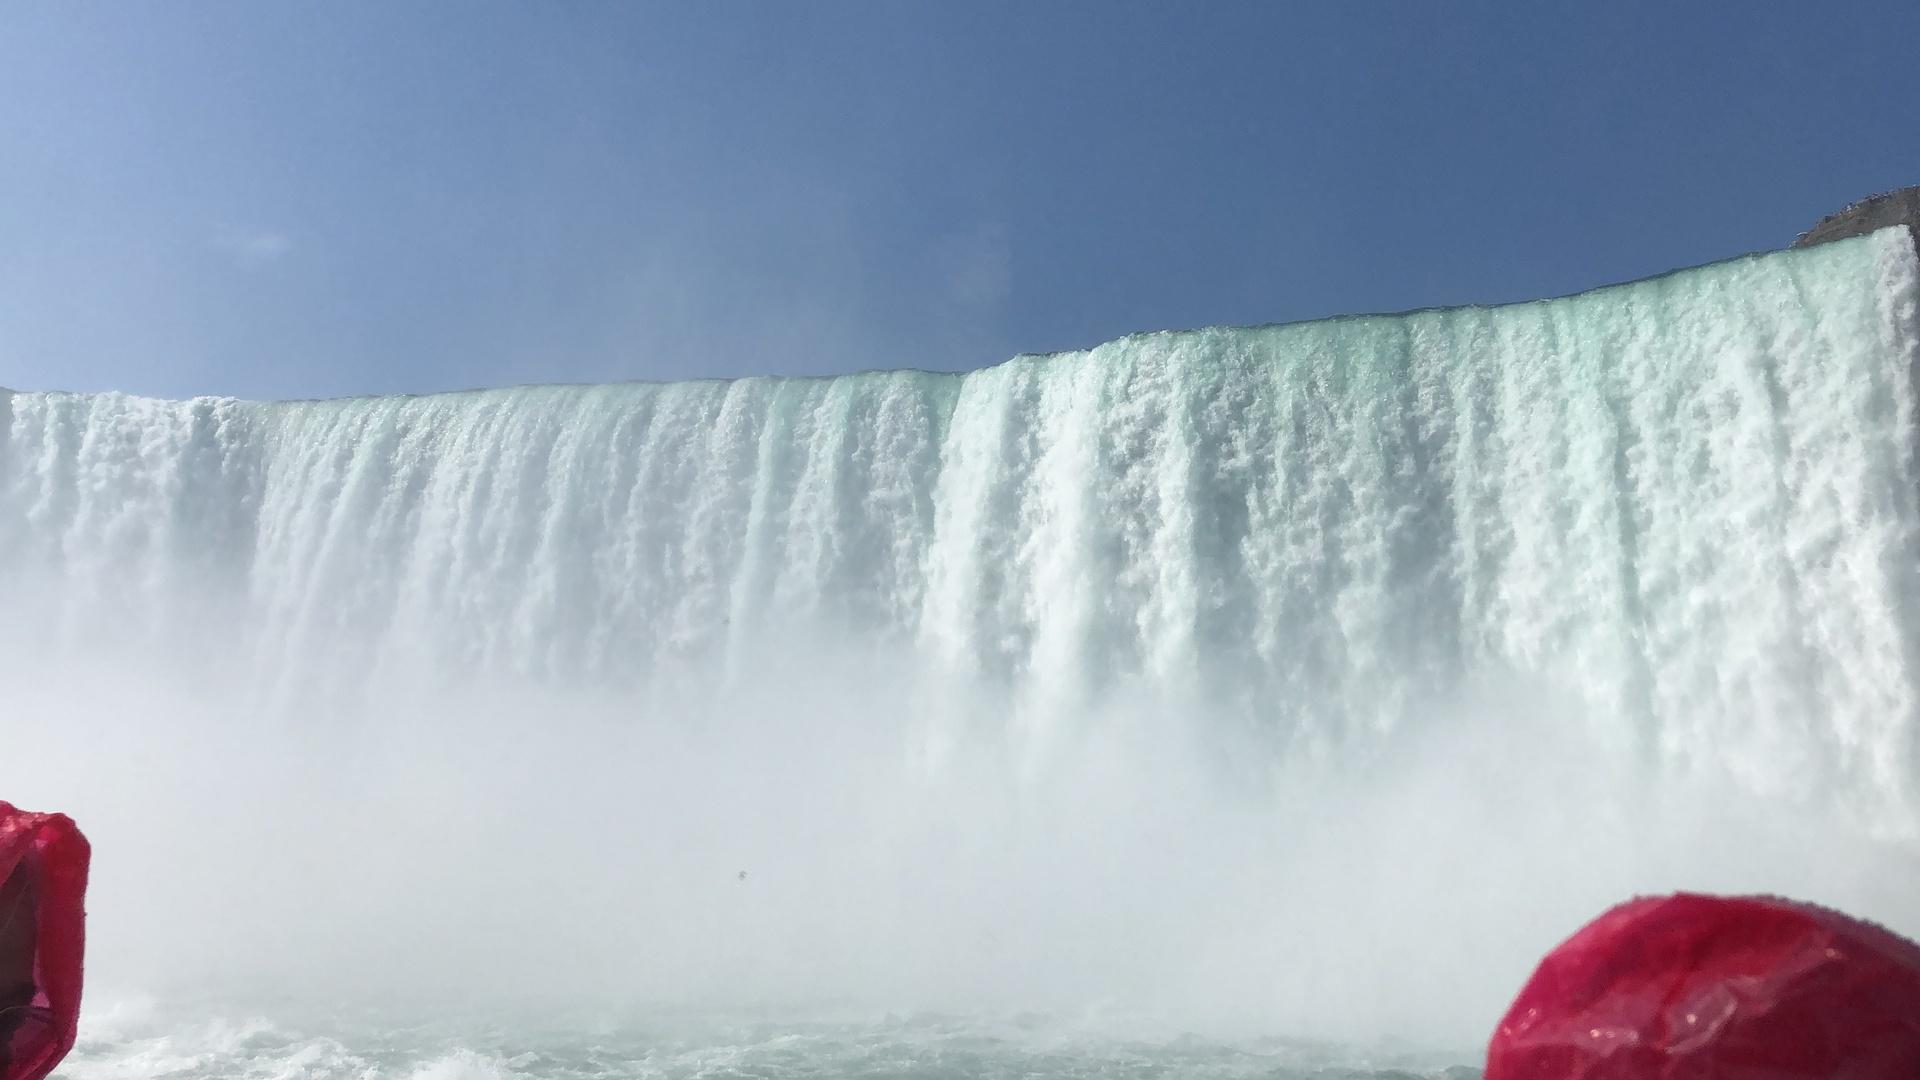 ガイドさんも移動中ずっとトロントの町の話やカナダについて様々な事を紹介してくださいました。 おすすめスポットなど知りたいこと全て教えてくださいましたし、ナイアガラの滝の迫力は絶対行かないと分からないし体験してみないと伝わらない迫力がありました